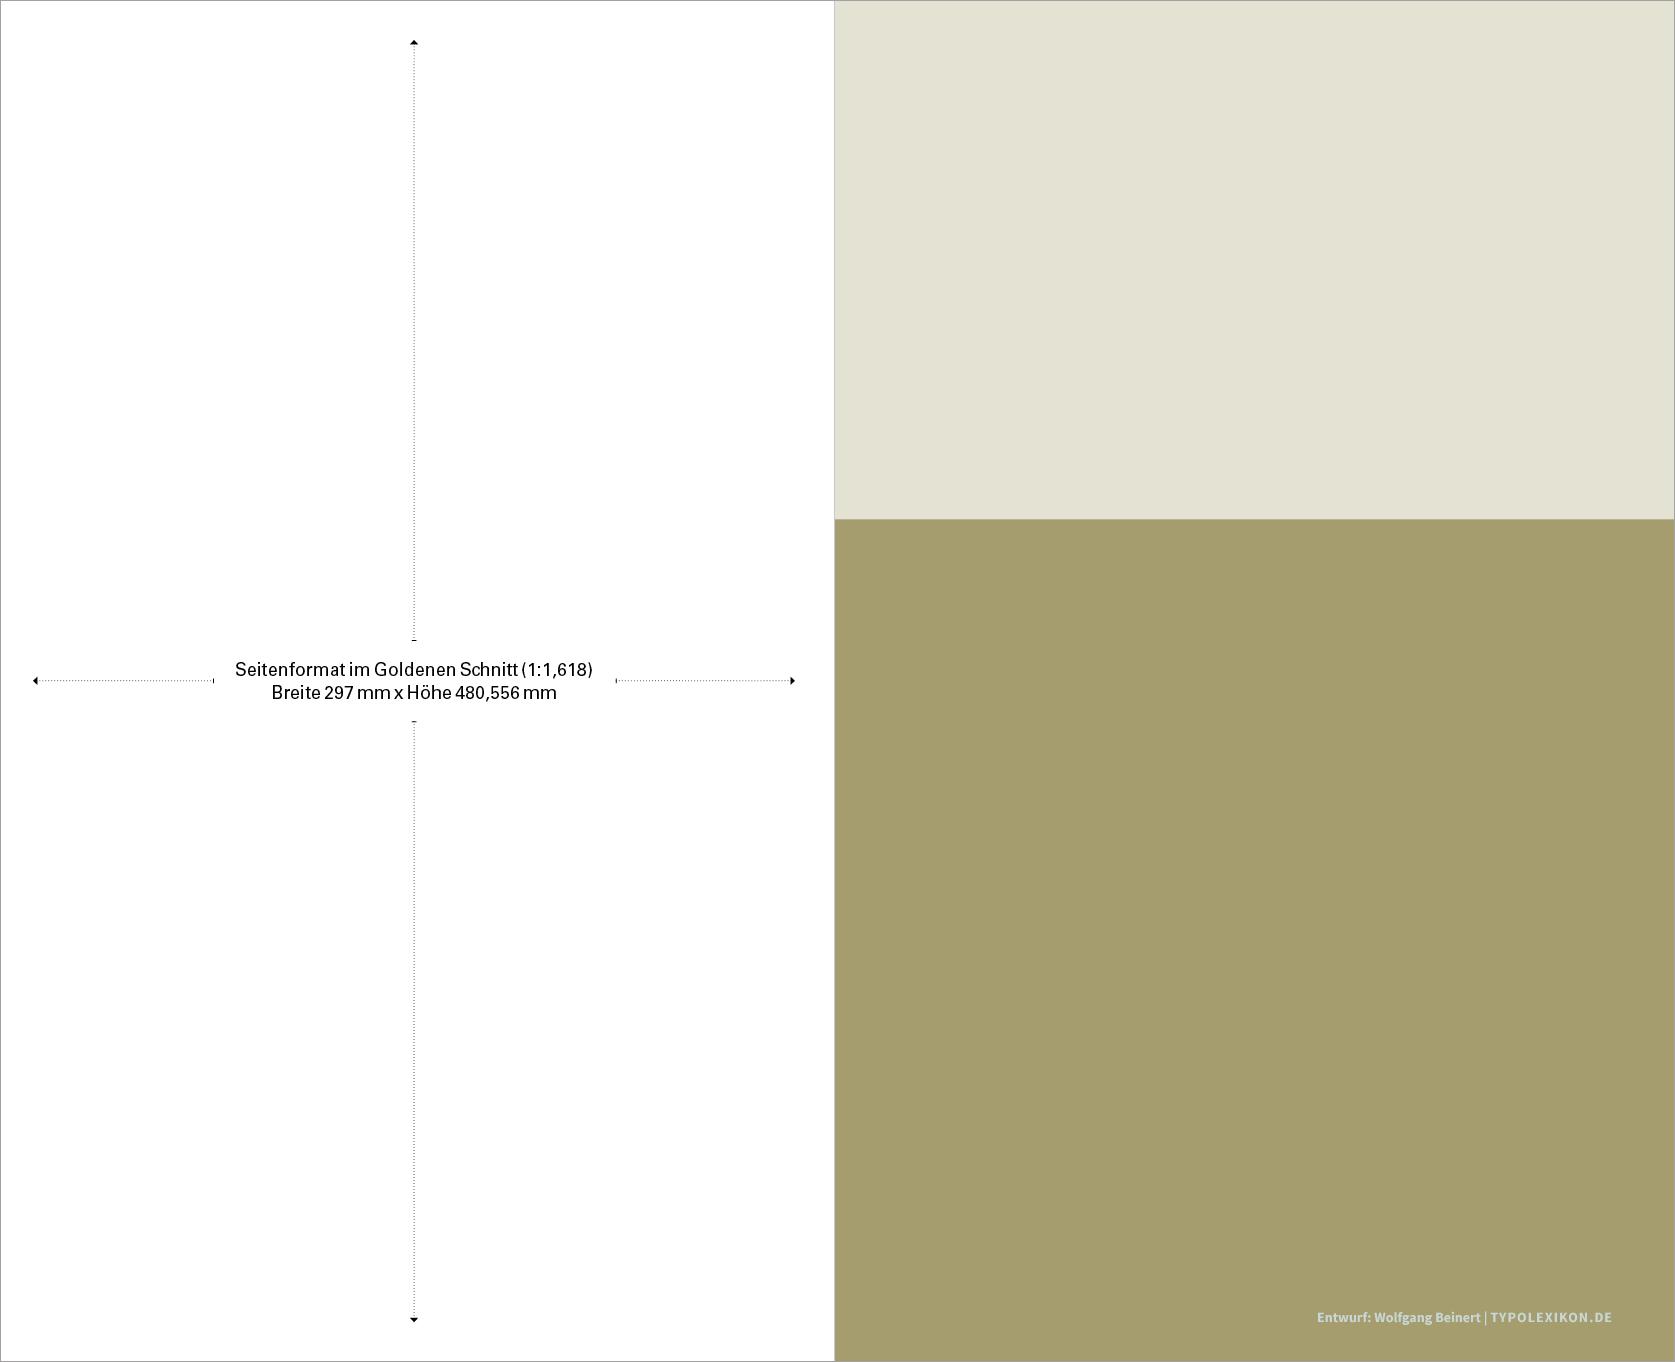 Beispiel eines Seitenformats im Goldenen Schnitt (1:1,618) und Konstruktion eines Satzspiegels nach der Fibonacci-Reihe. Schritt 1: Bestimmung eines Seitenformats im Verhältnis 1:1,618. Entwurf: Wolfgang Beinert, Berlin.